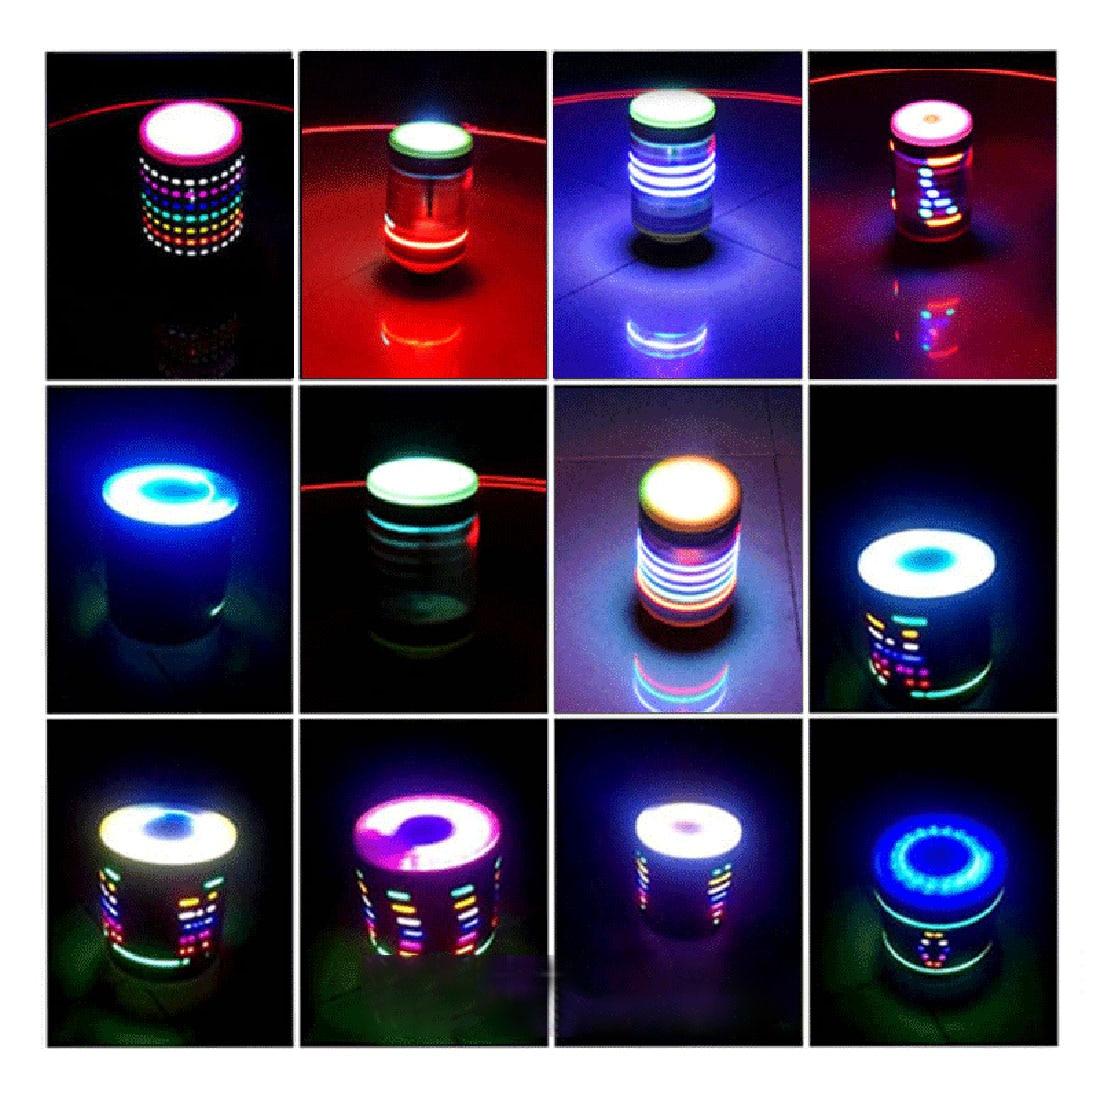 Hot 132 Mm/114 Mm/108 Mm/89 Mm (D) rvs Fitness Muziek Gyro Met Verlichting Nieuwjaar Cadeau Voor Kinderen Kids Volwassenen Zilver - 3